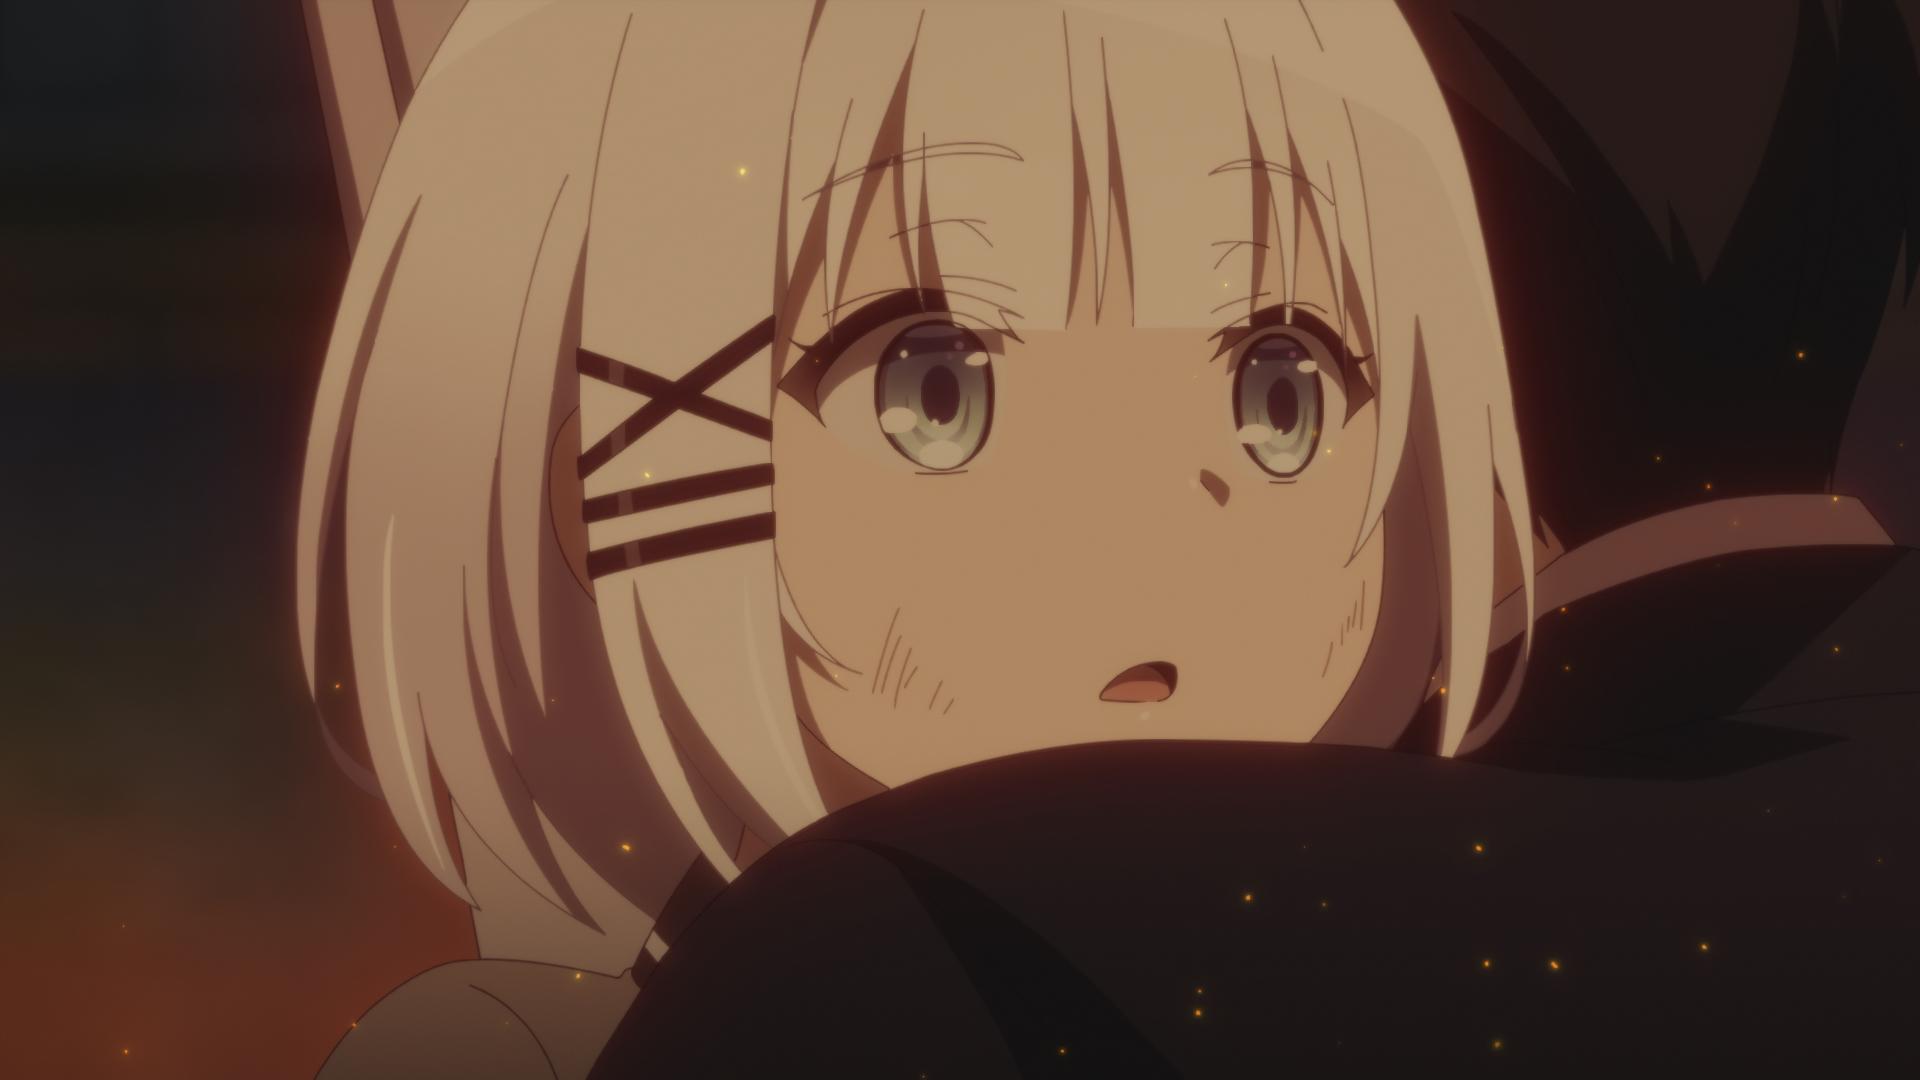 """Captura de tela do episódio 6 de """"The Detective is Already Dead"""", mostrando Siesta."""